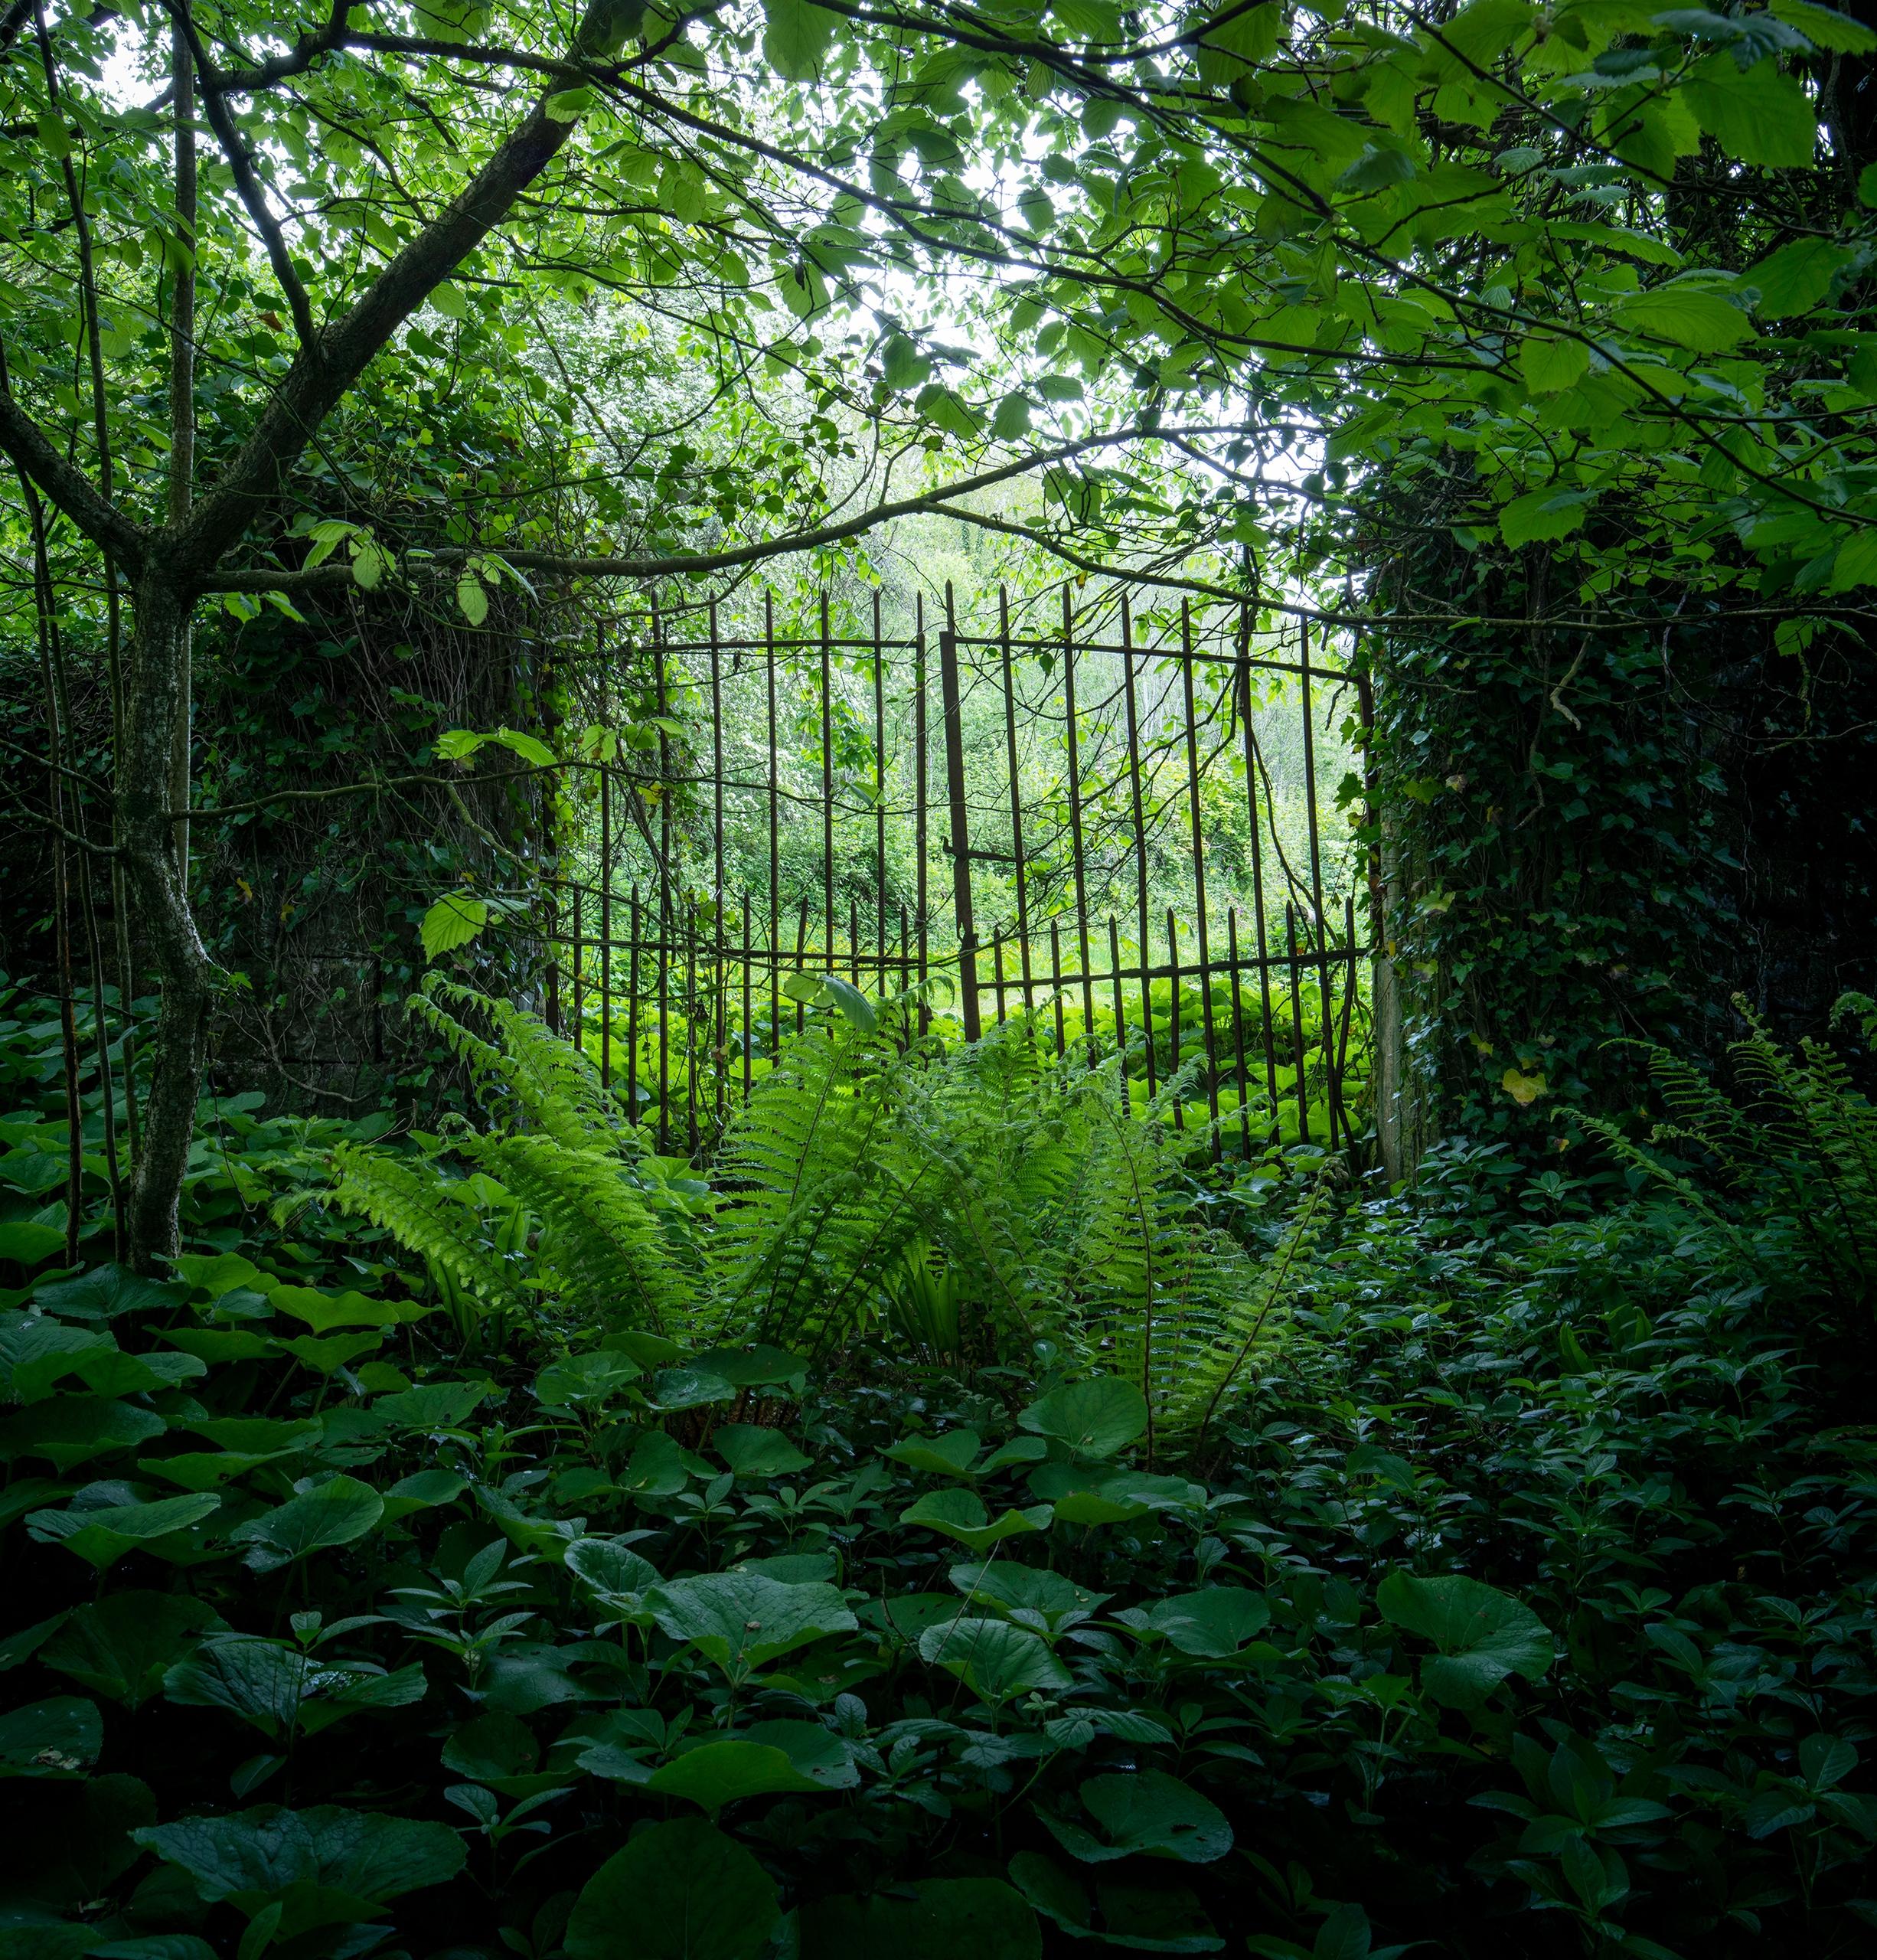 SIDE GATES ESTATE green canopy - forgottenheritage | ello